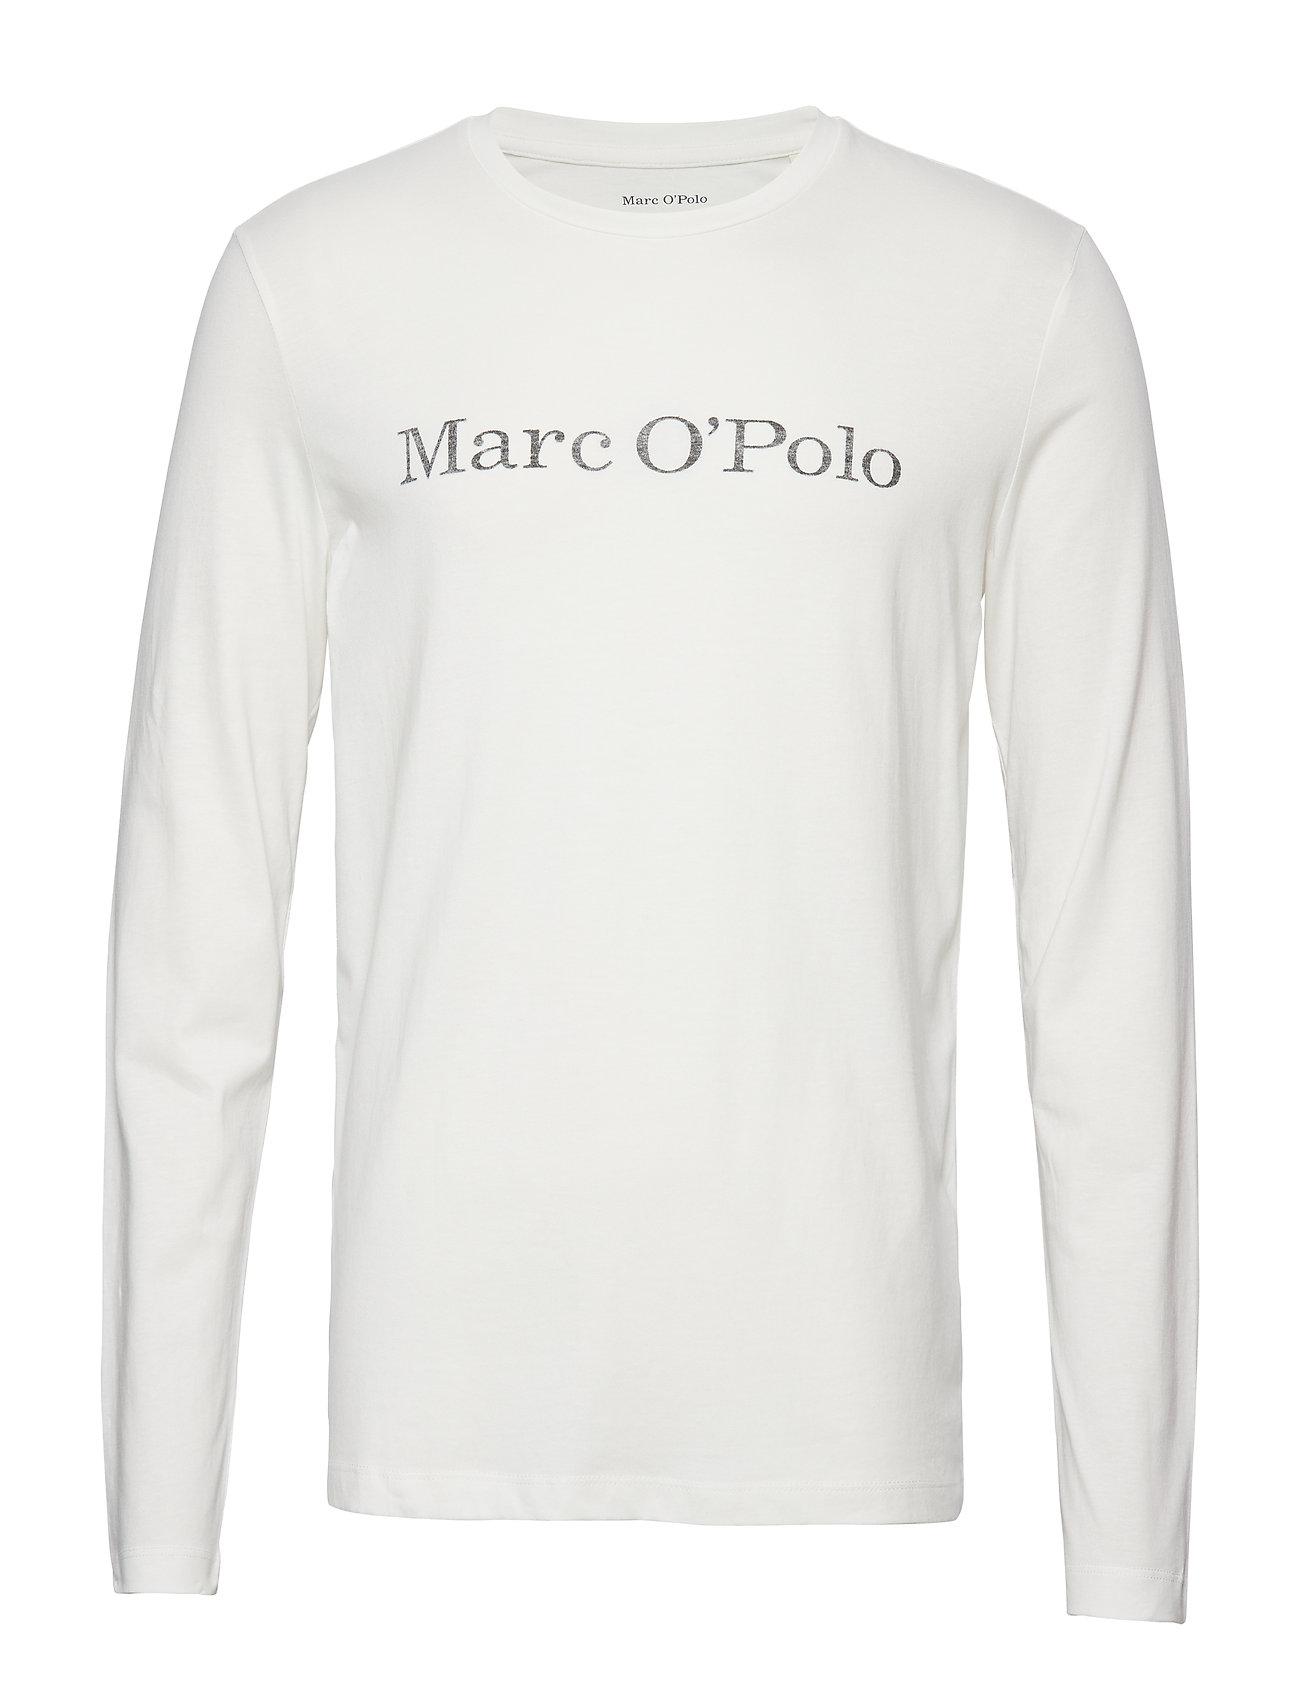 Marc O'Polo T-shirt Long Sleeve - EGG WHITE